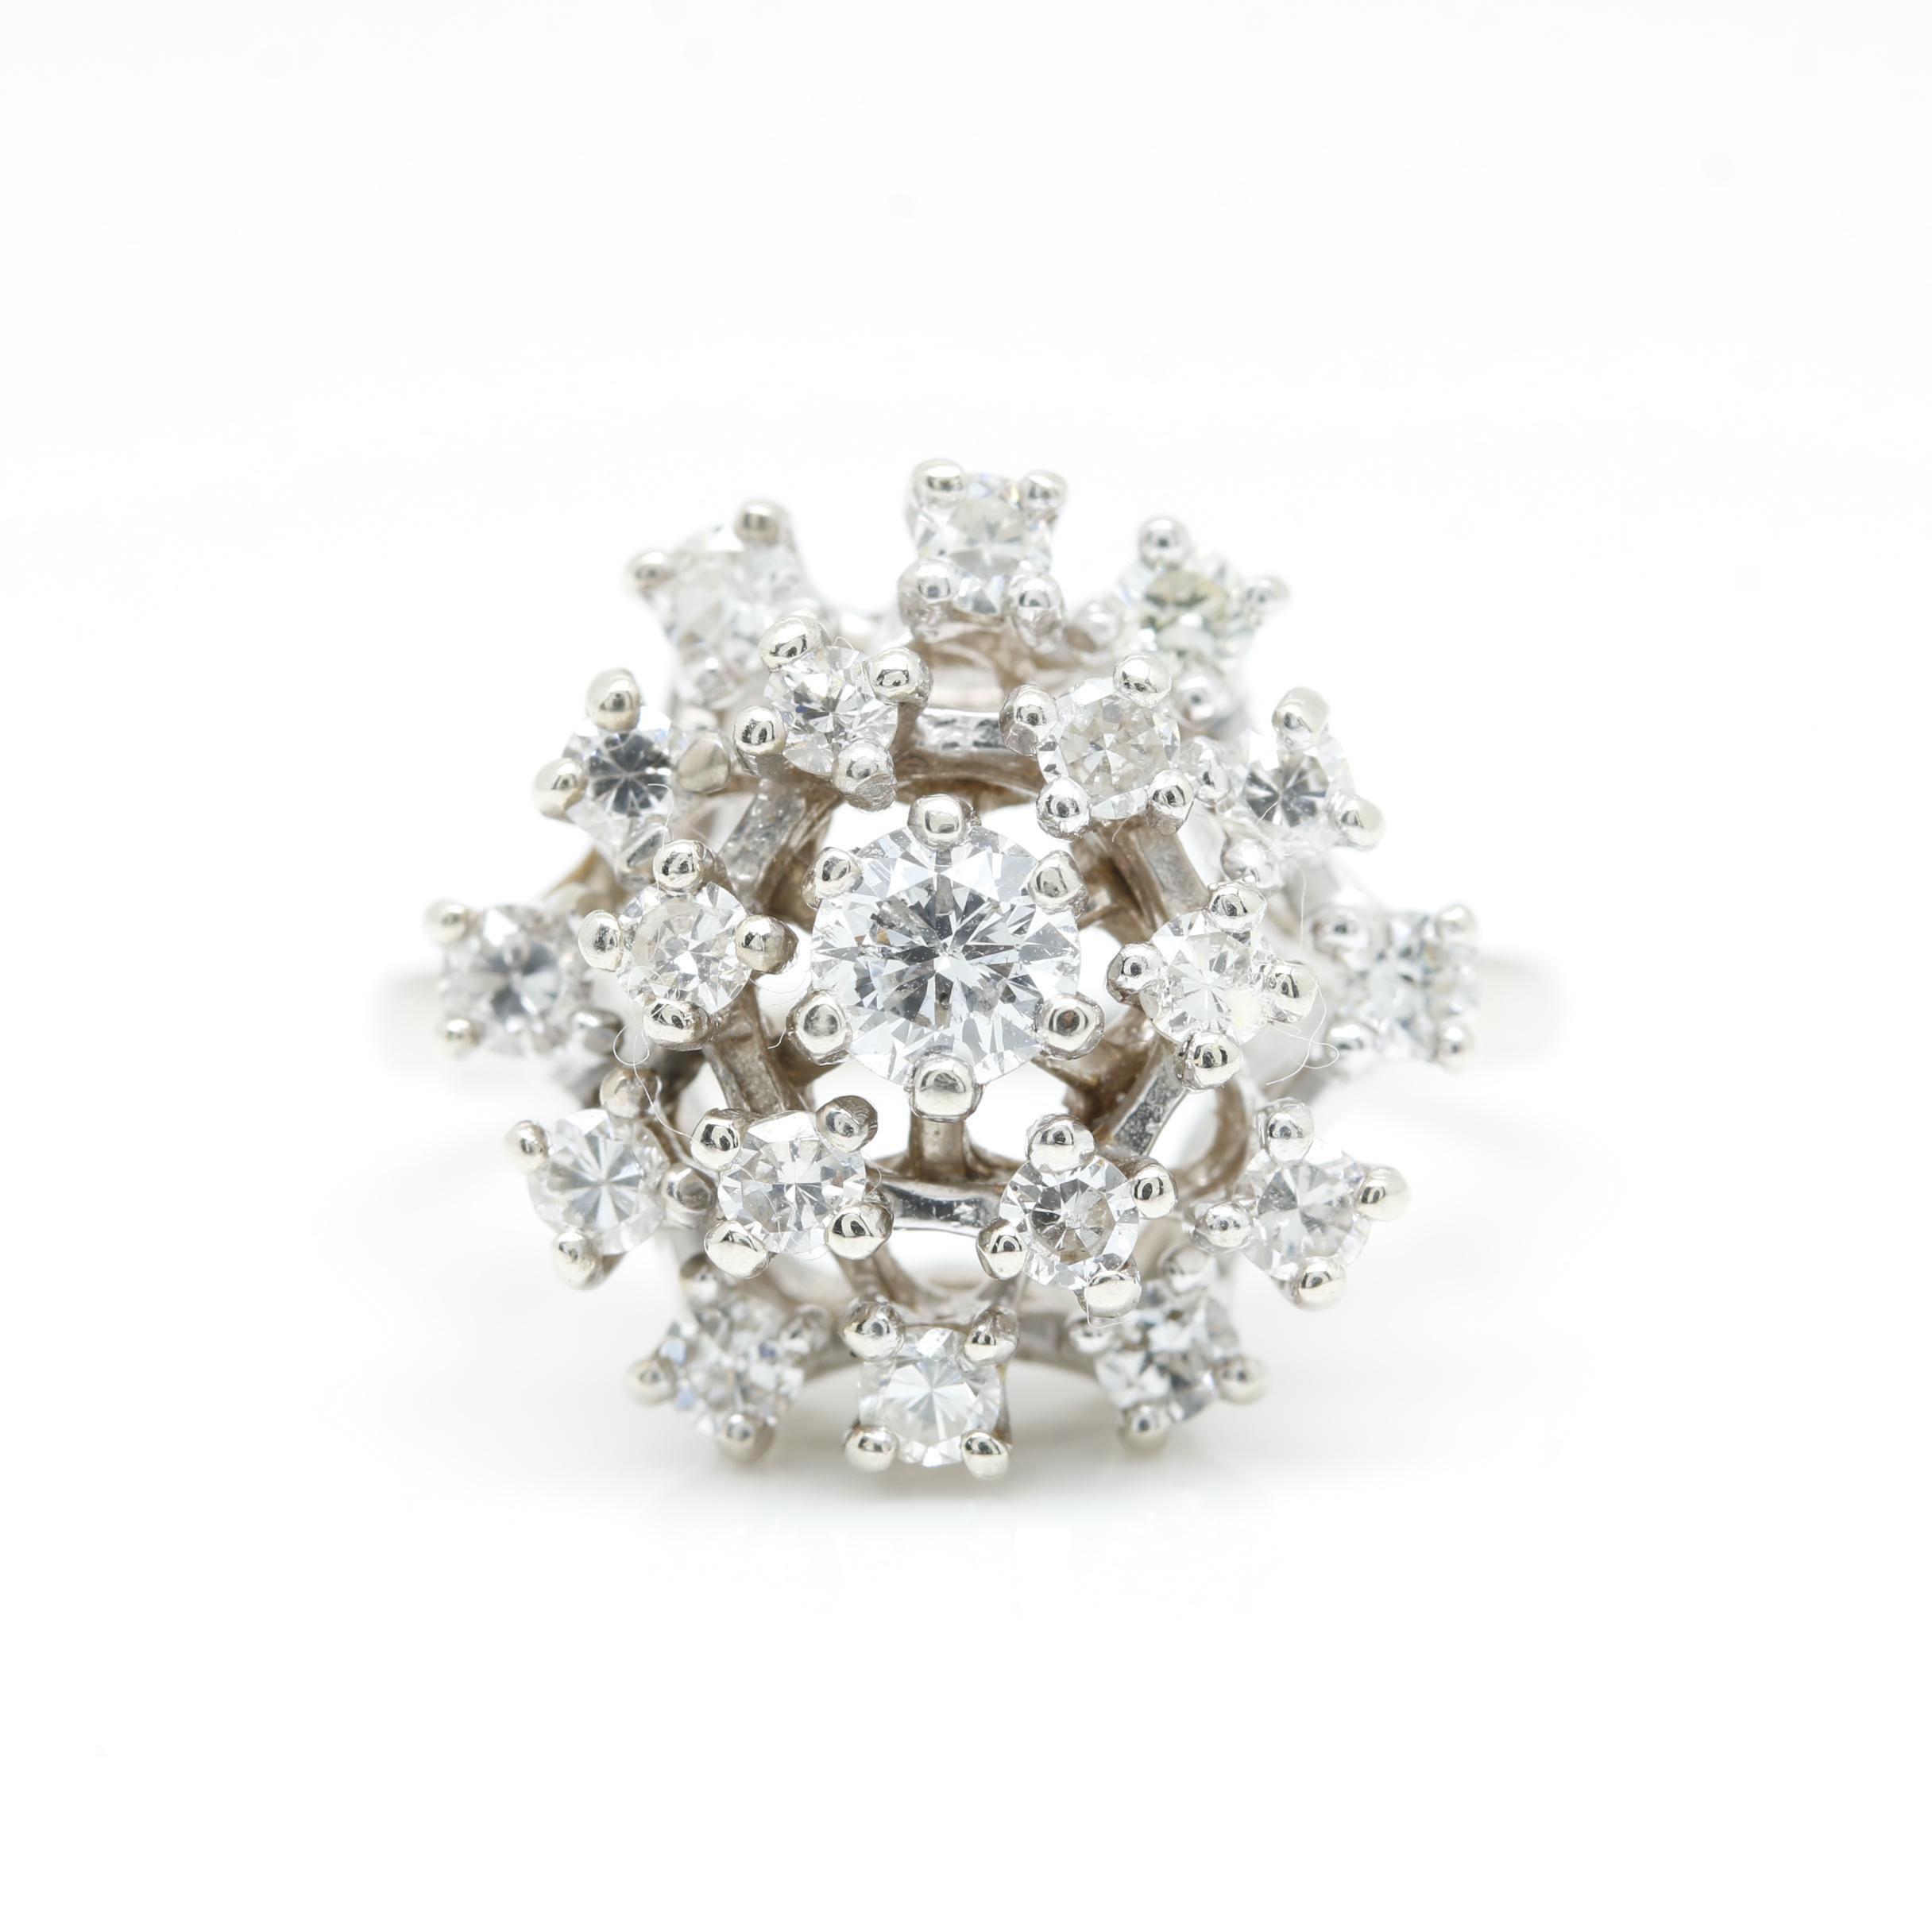 14K White Gold 1.06 CTW Diamond Cluster Ring